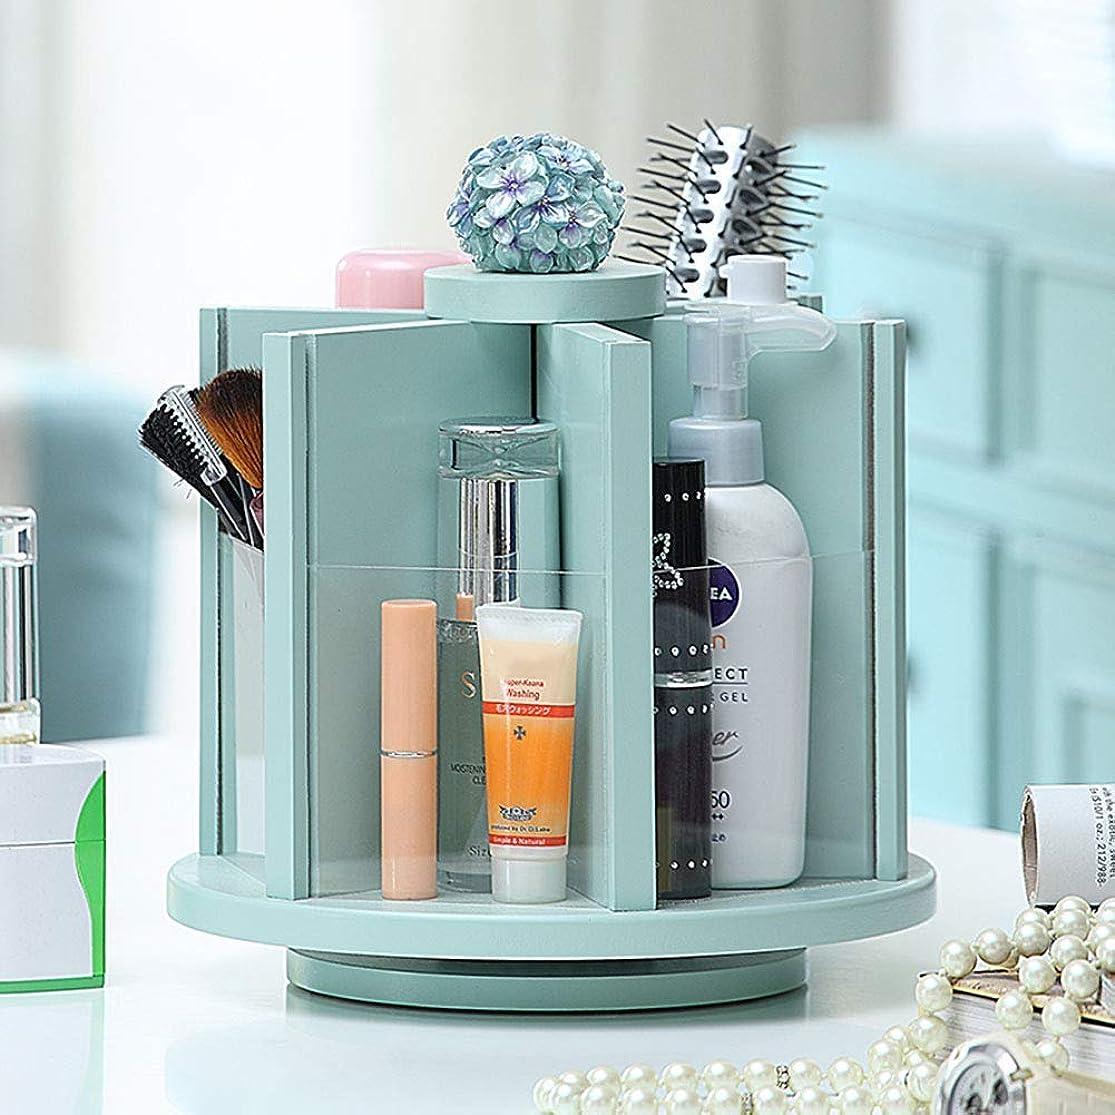 間隔ギャップ駐地絶妙な美しさ メイクアップオーガナイザー360度回転、調節可能な多機能化粧ストレージ、大容量化粧ストレージ、化粧品やアクセサリーの様々なタイプに適合、 (Color : B)